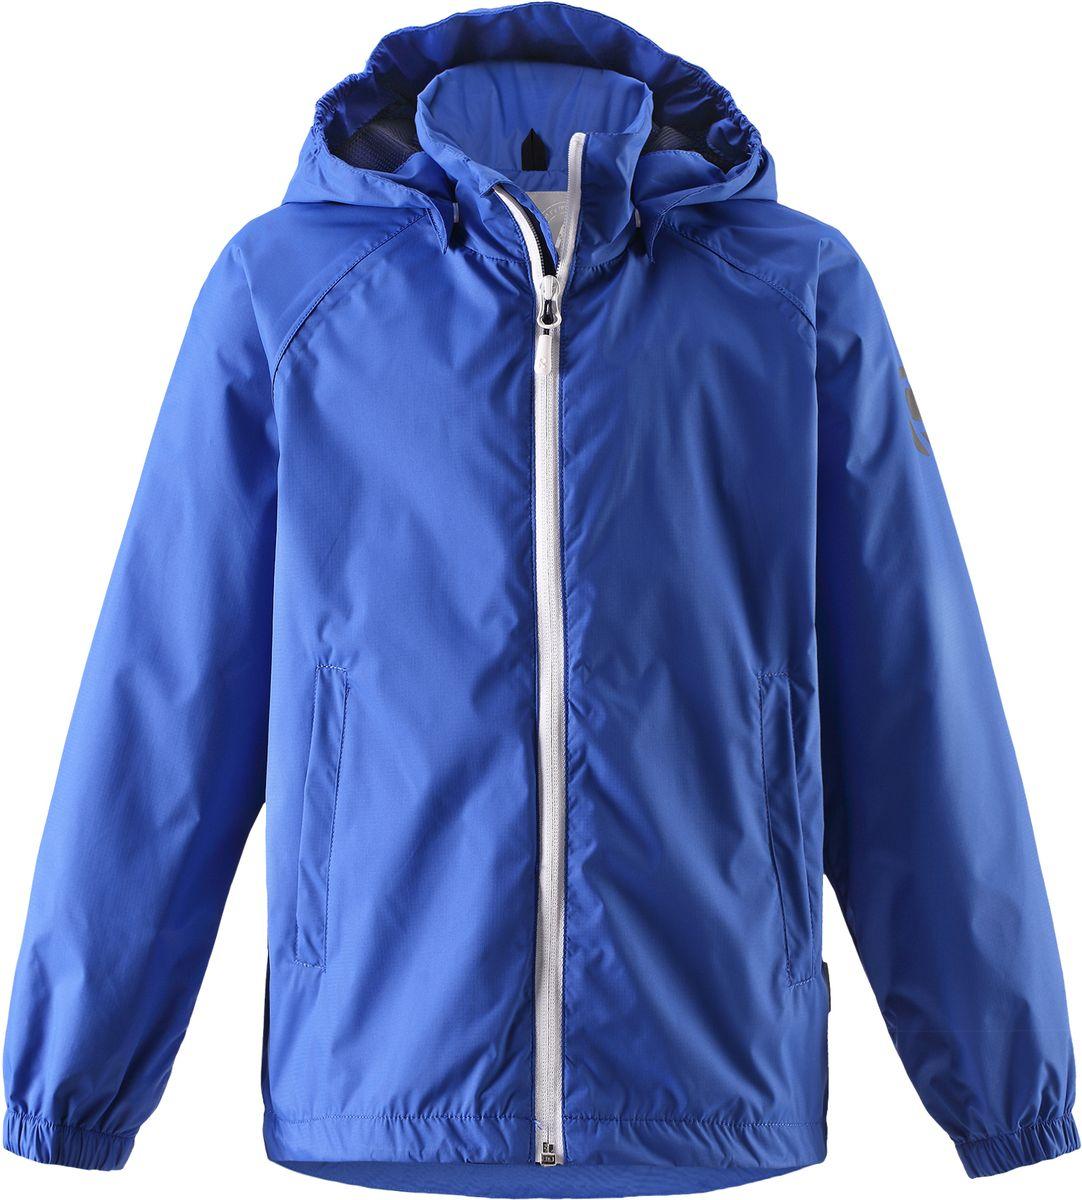 Куртка детская Reima Roder, цвет: синий. 5312730. Размер 1465312730Эту очень легкую куртку можно хранить в ее собственном кармане! Но это совершенно не сказалось на качестве: дышащий материал не пропускает ветер и дождь, а все самые важные швы заклеены, водонепроницаемы. Простая в уходе куртка практически не мнется и снабжена съемным капюшоном. Капюшон безопасен во время игр на улице, он легко отстегнется, если за что-нибудь зацепится. Регулируемый подол и талия, карманы с клапанами завершают образ.